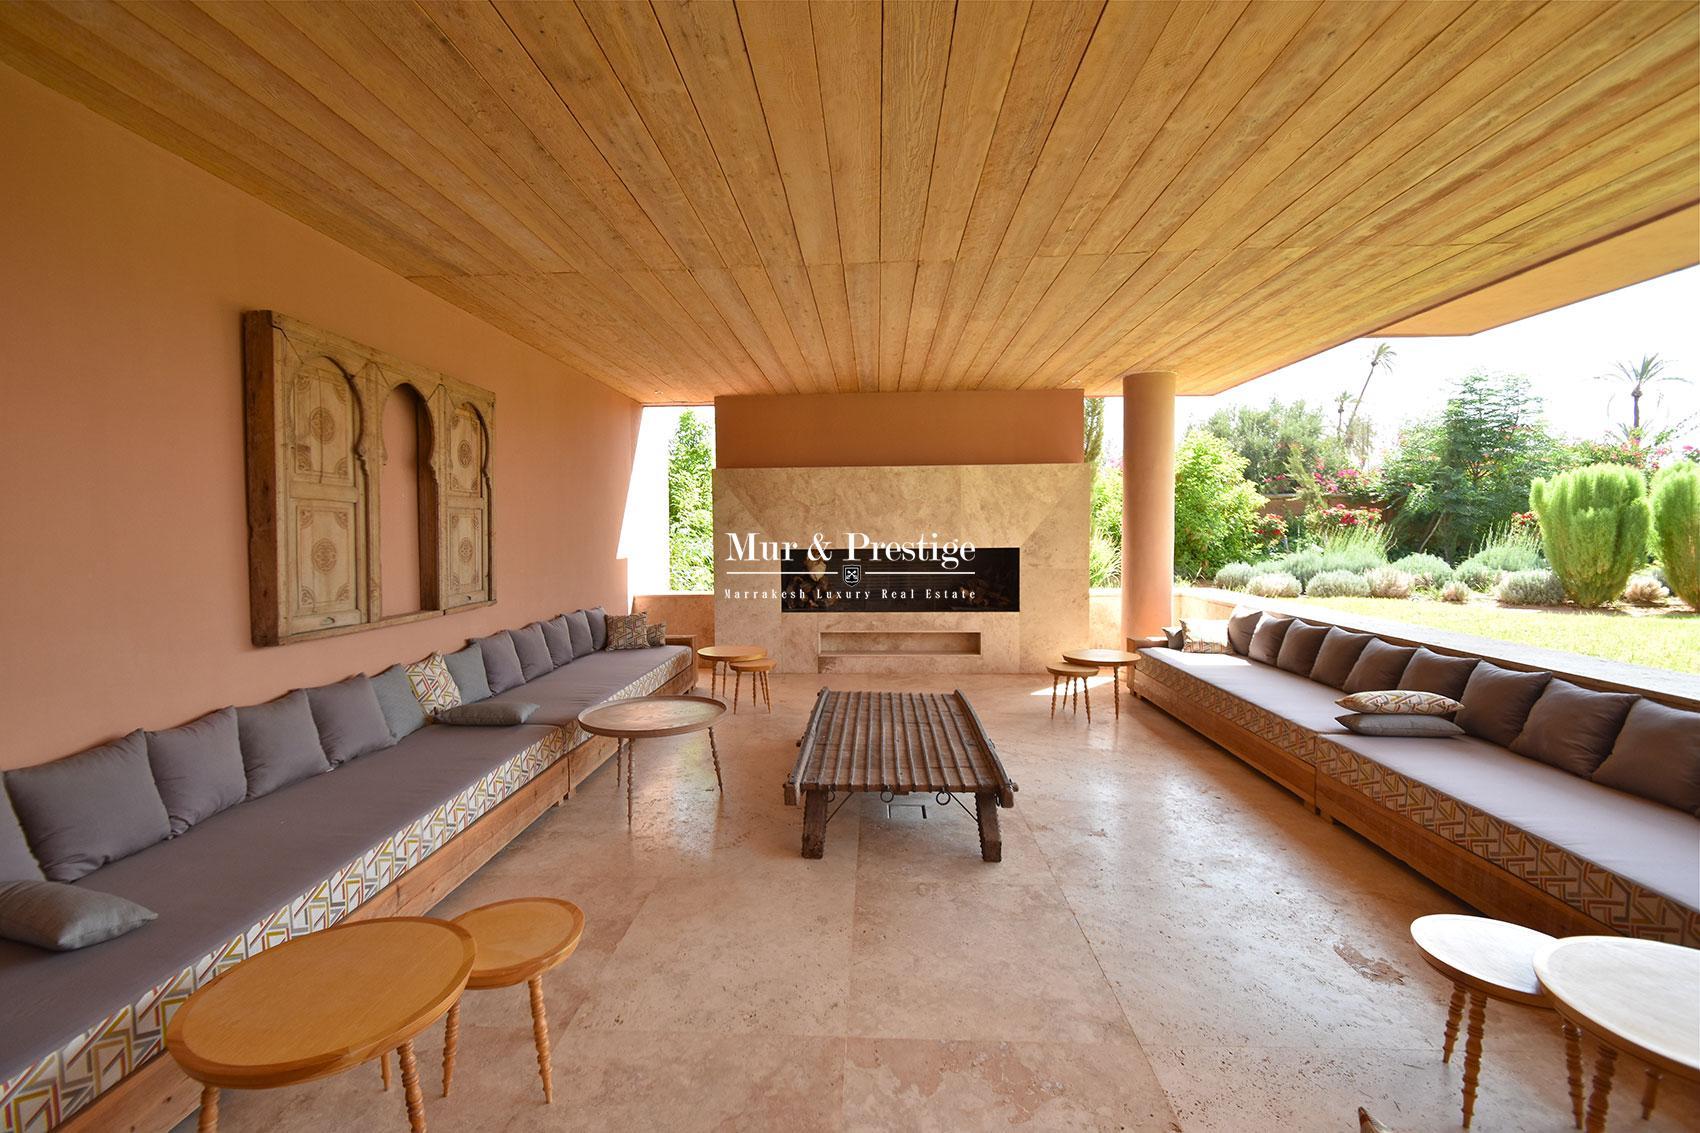 Vente villa a Bab Atlas Marrakech